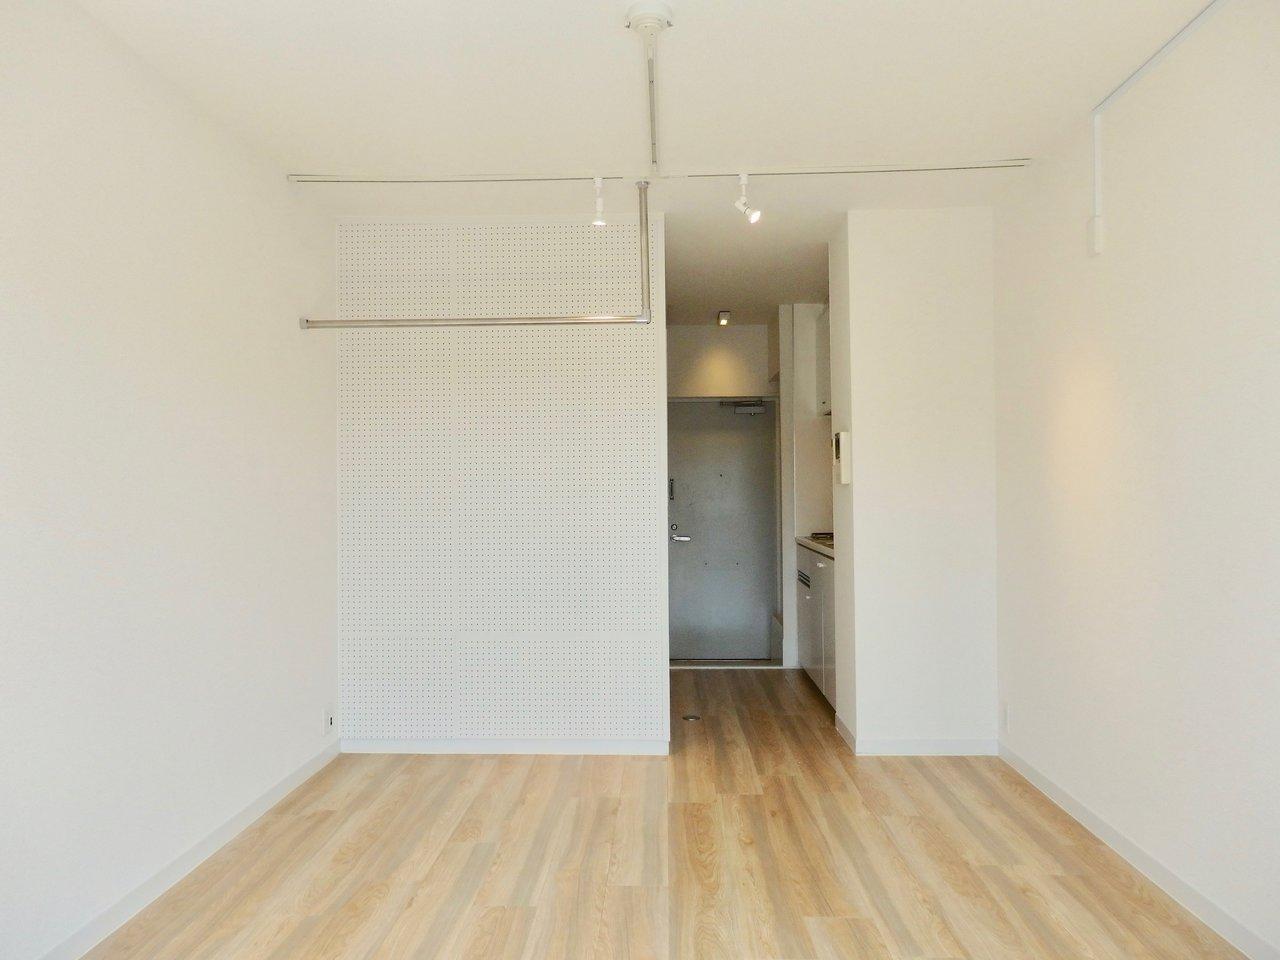 お部屋はというと、6.7畳のワンルームでシンプルな造り。このくらいの方がインテリアの配置も考えやすくて良さそうです。